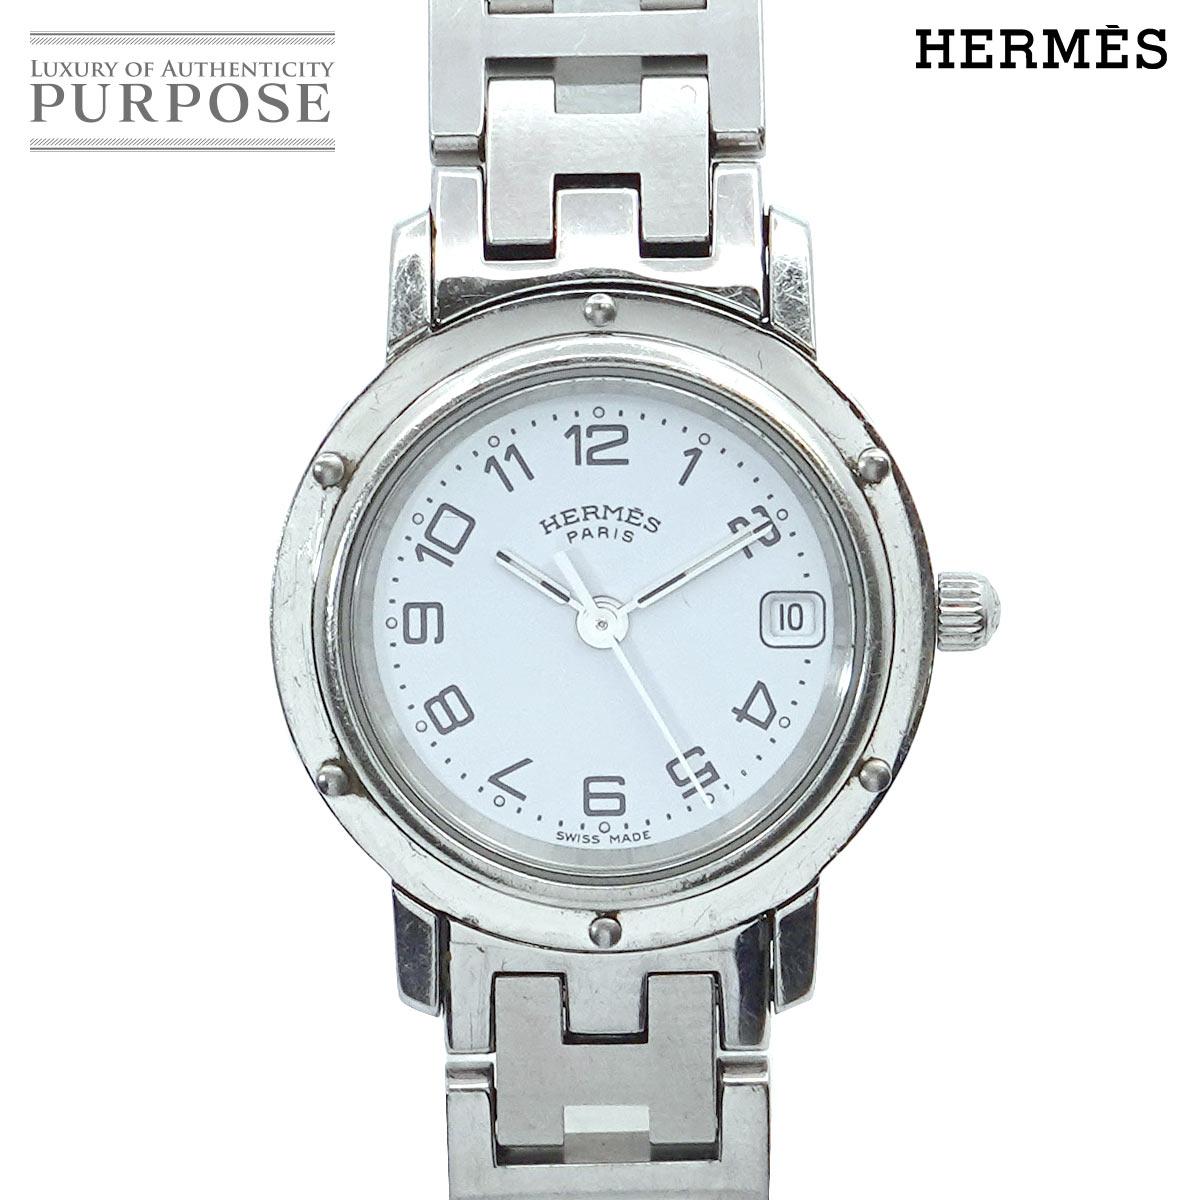 エルメス HERMES クリッパー CL4 210 ヴィンテージ レディース 腕時計 デイト 情熱セール 文字盤 ホワイト 電池交換 ウォッチ Clipper クォーツ 休み 済み 中古 時計